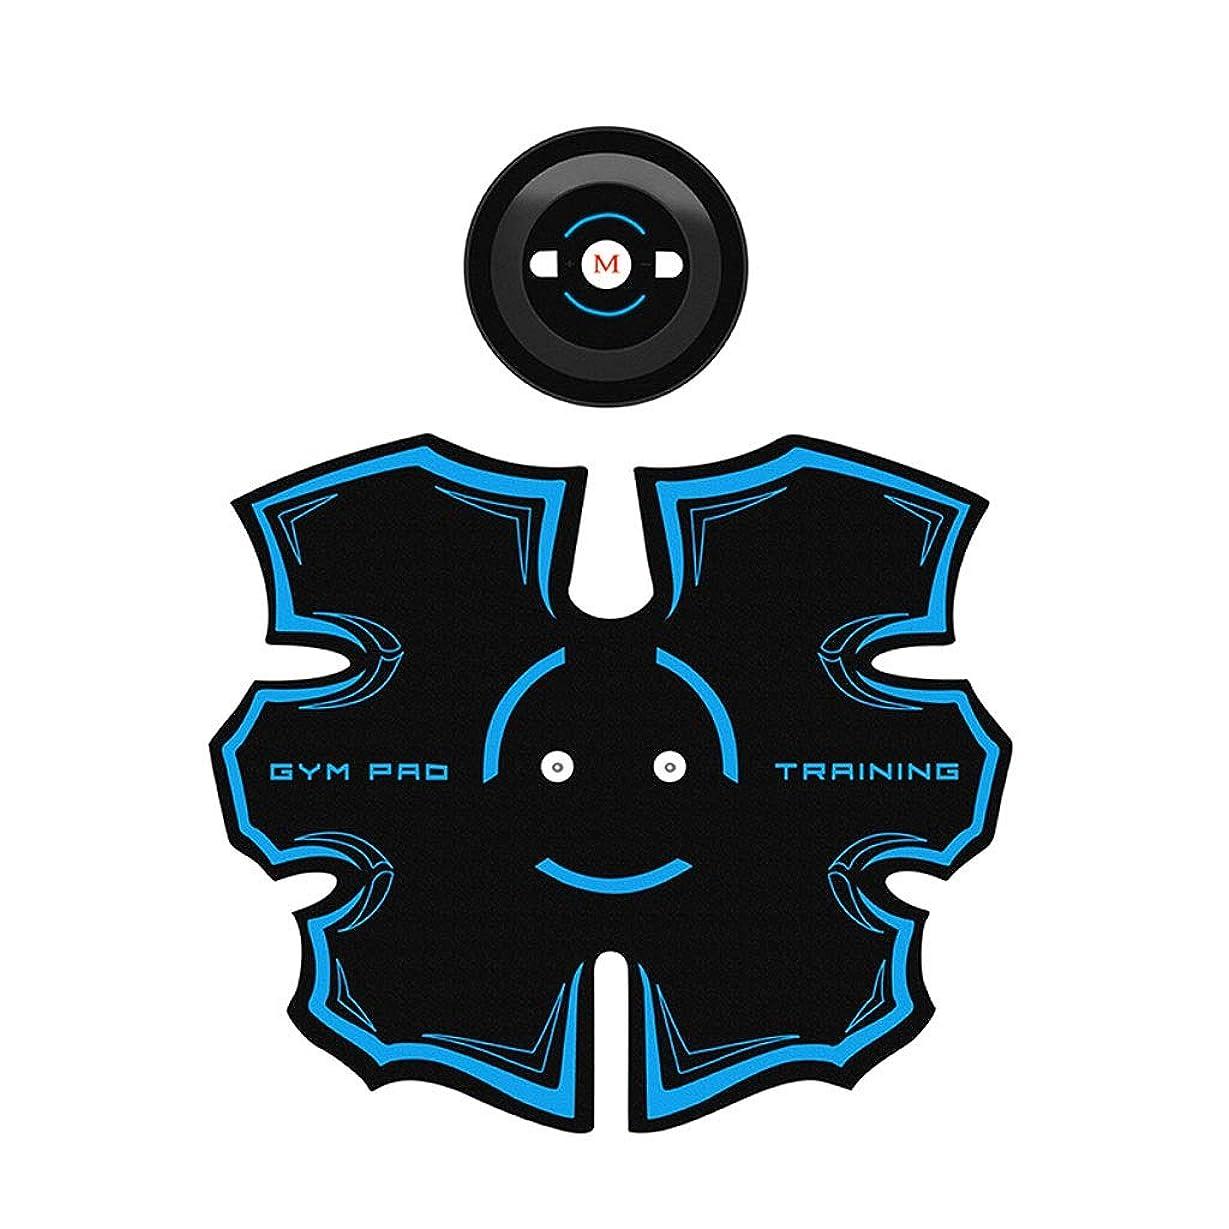 床を掃除する必要とする段階ABSトレーナーEMS筋肉刺激装置付き - USB充電式究極腹部刺激装置付きリズム&ソフトインパルス - ポータブル筋肉トナーで簡単な操作 (Color : Blue, Size : B)